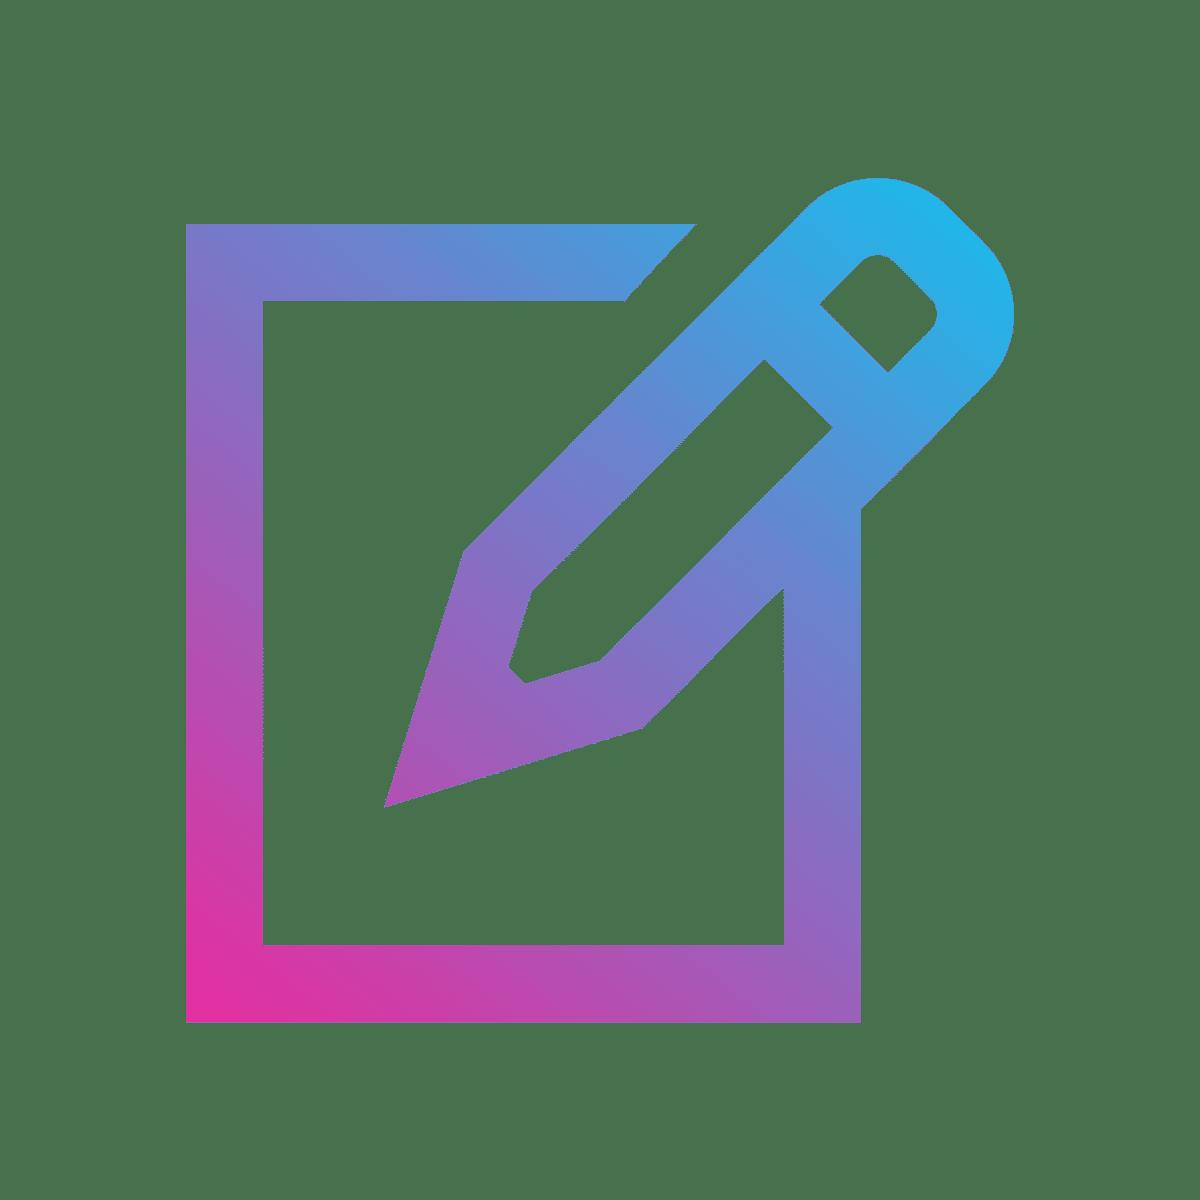 icon content schrijven